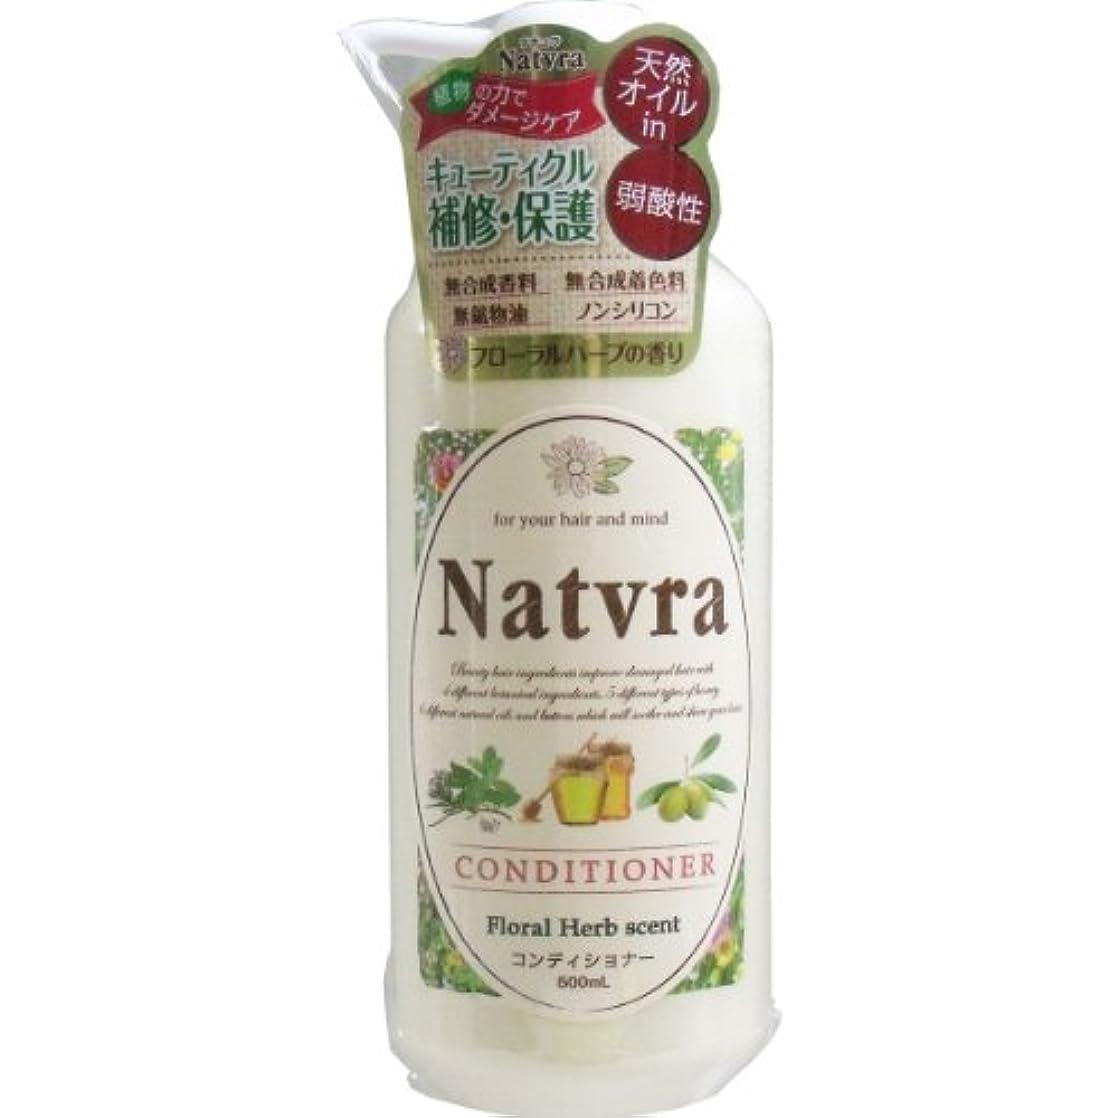 素人威する並外れてNatvra(ナチュラ) コンディショナー フローラルハーブの香り 500mL【2個セット】